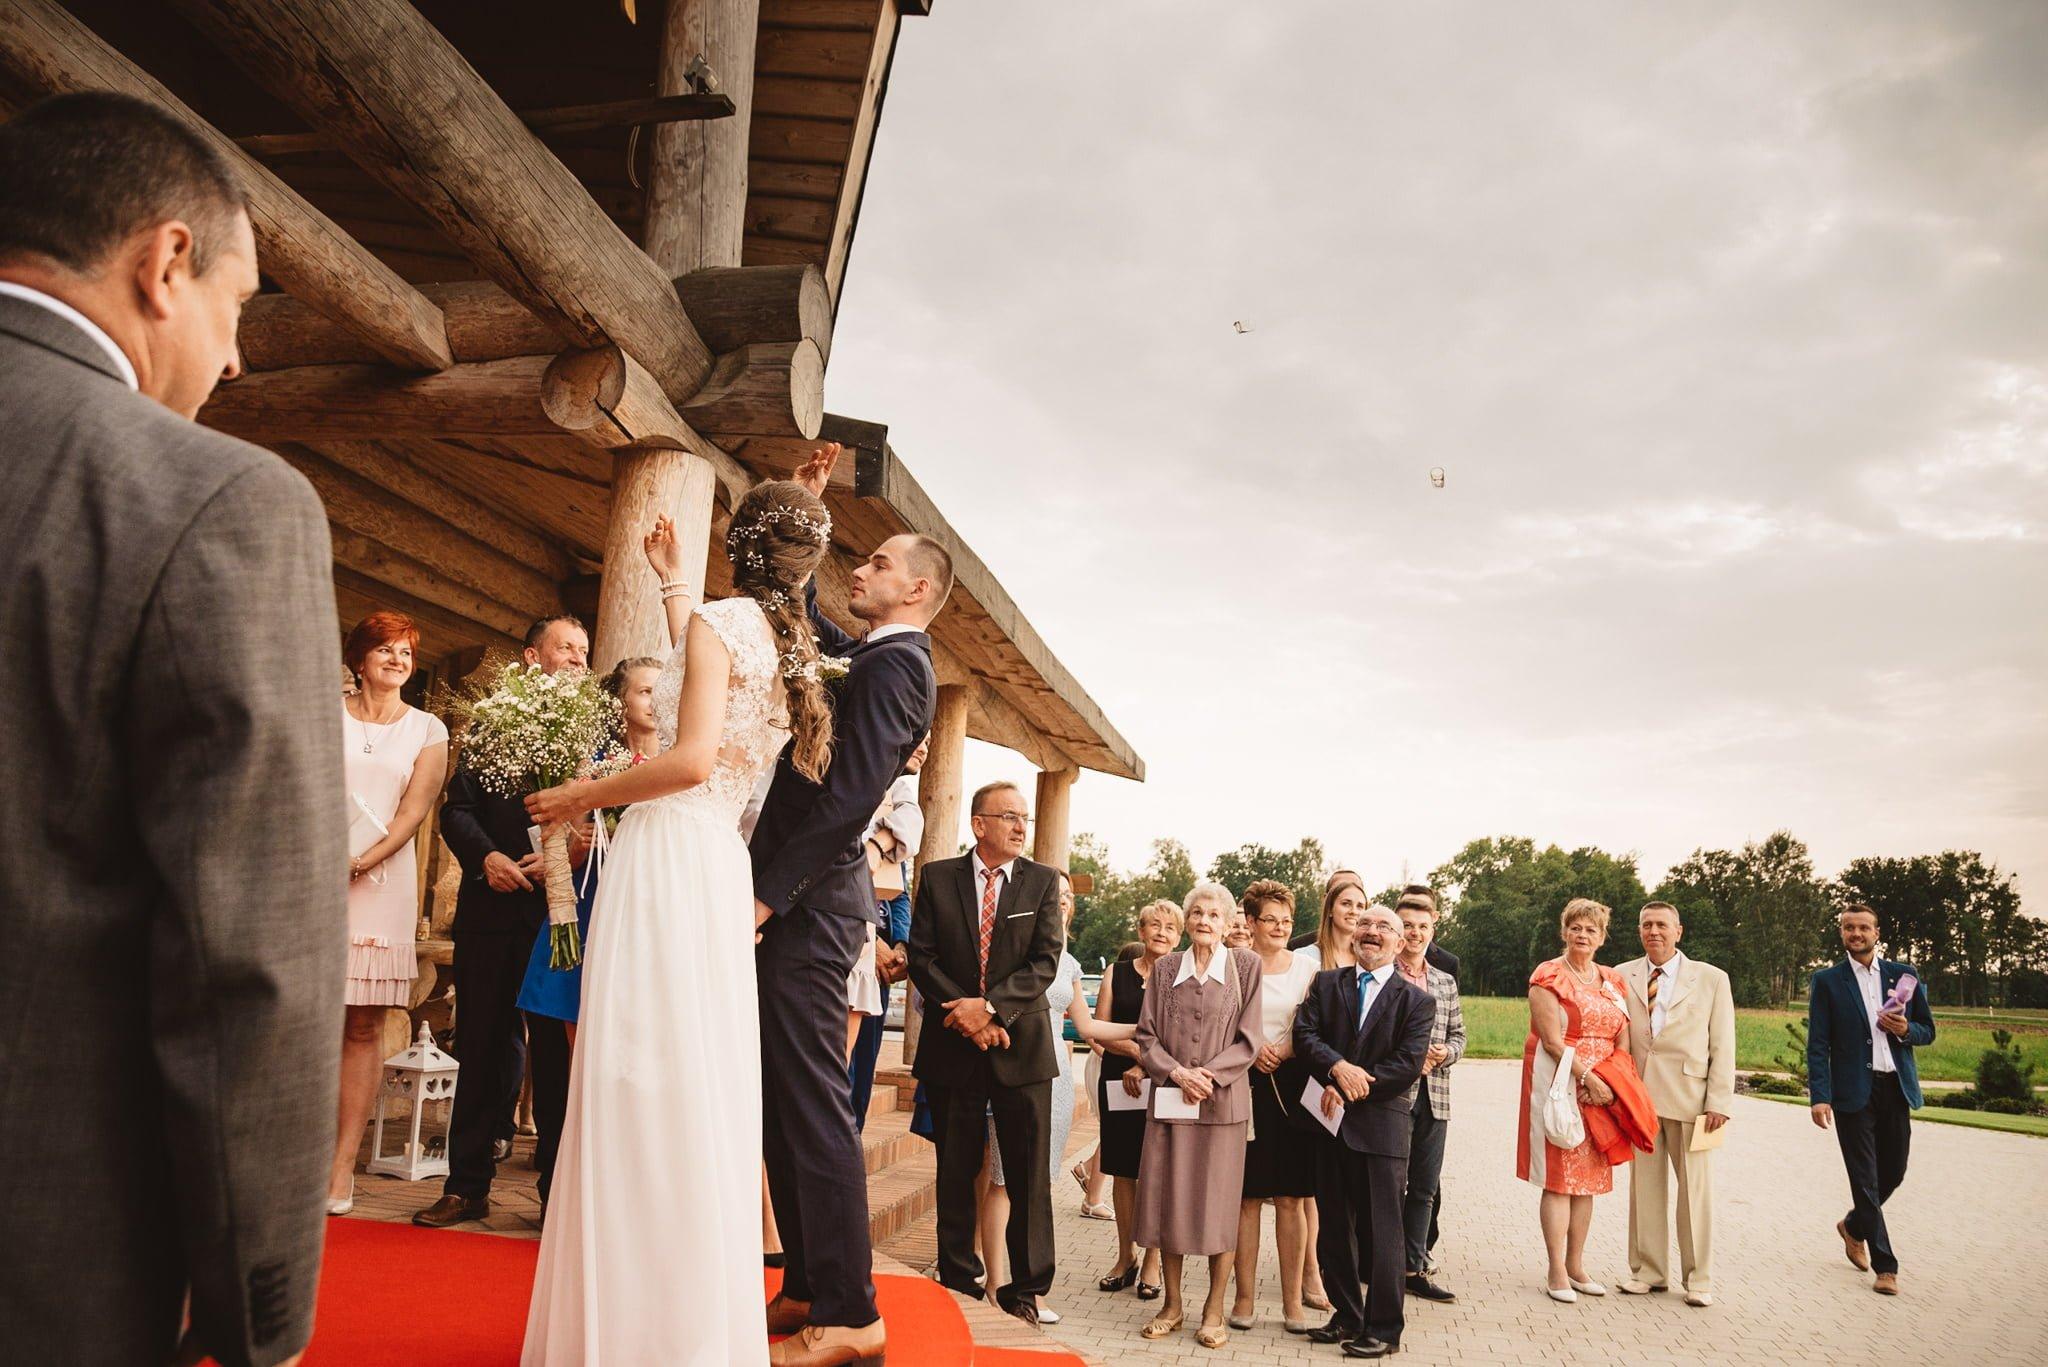 Ala i Arek, czyli jak zorganizować ślub i wesele w 4 tygodnie! 163